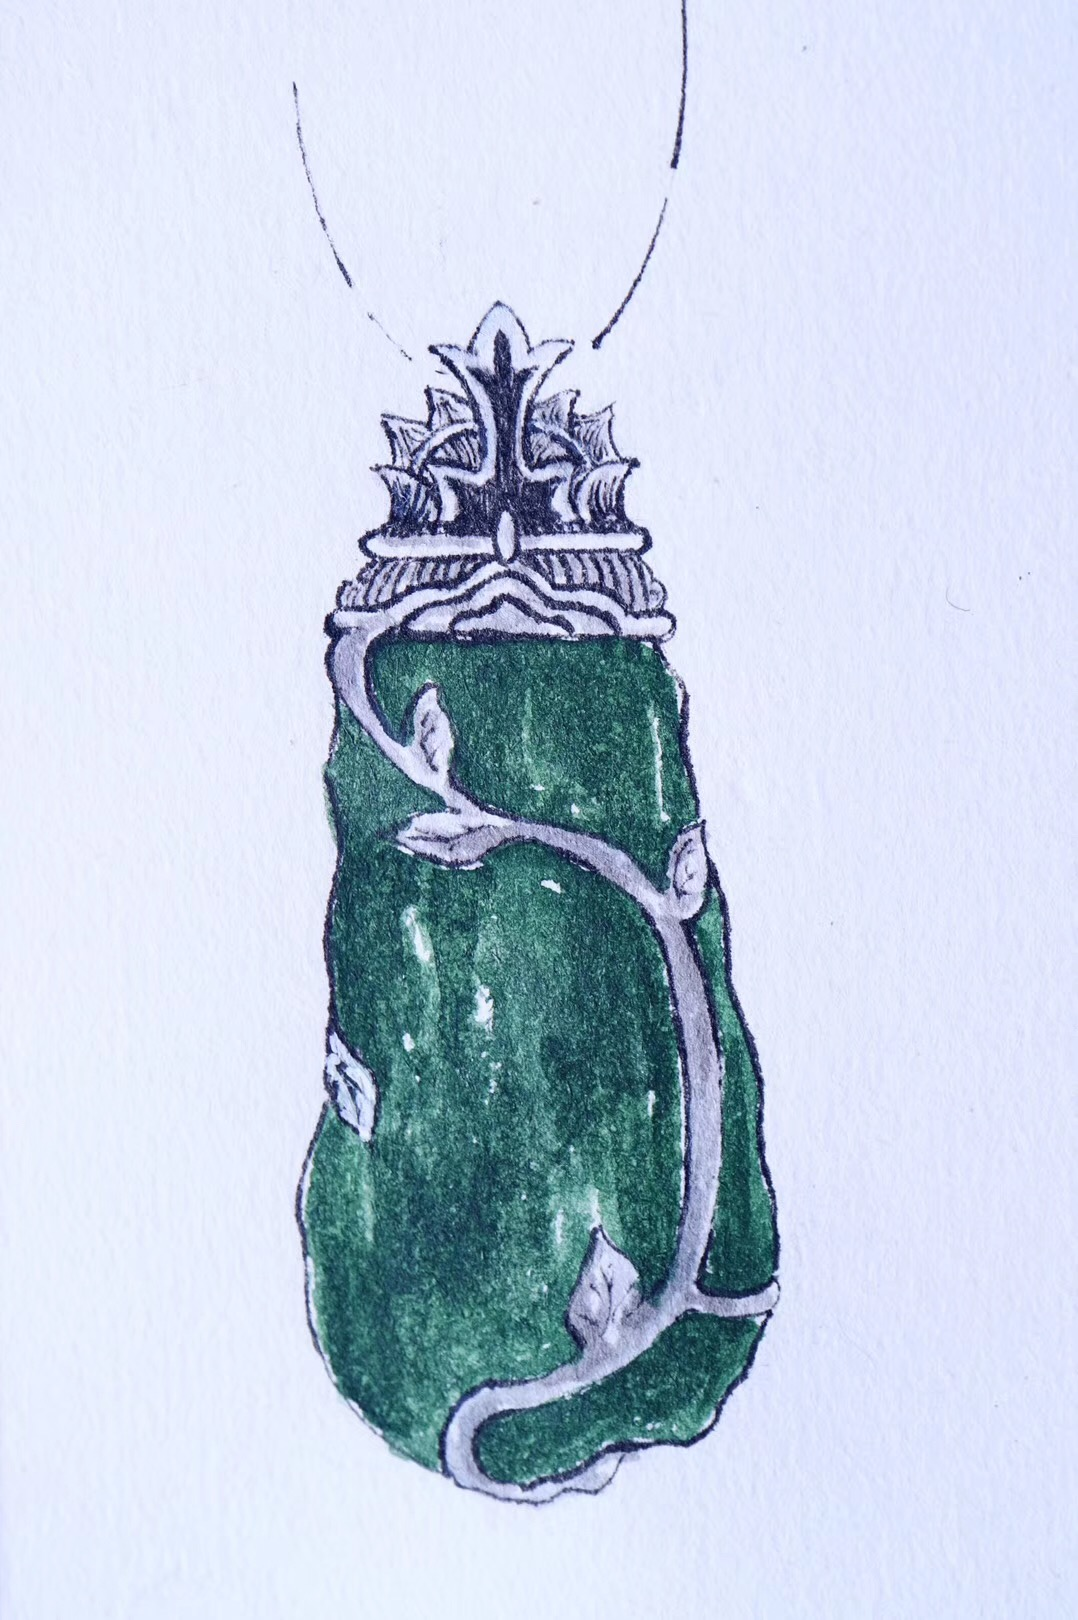 【菩心·捷克陨石】这一枚捷克陨石设计,名为心路。-菩心晶舍